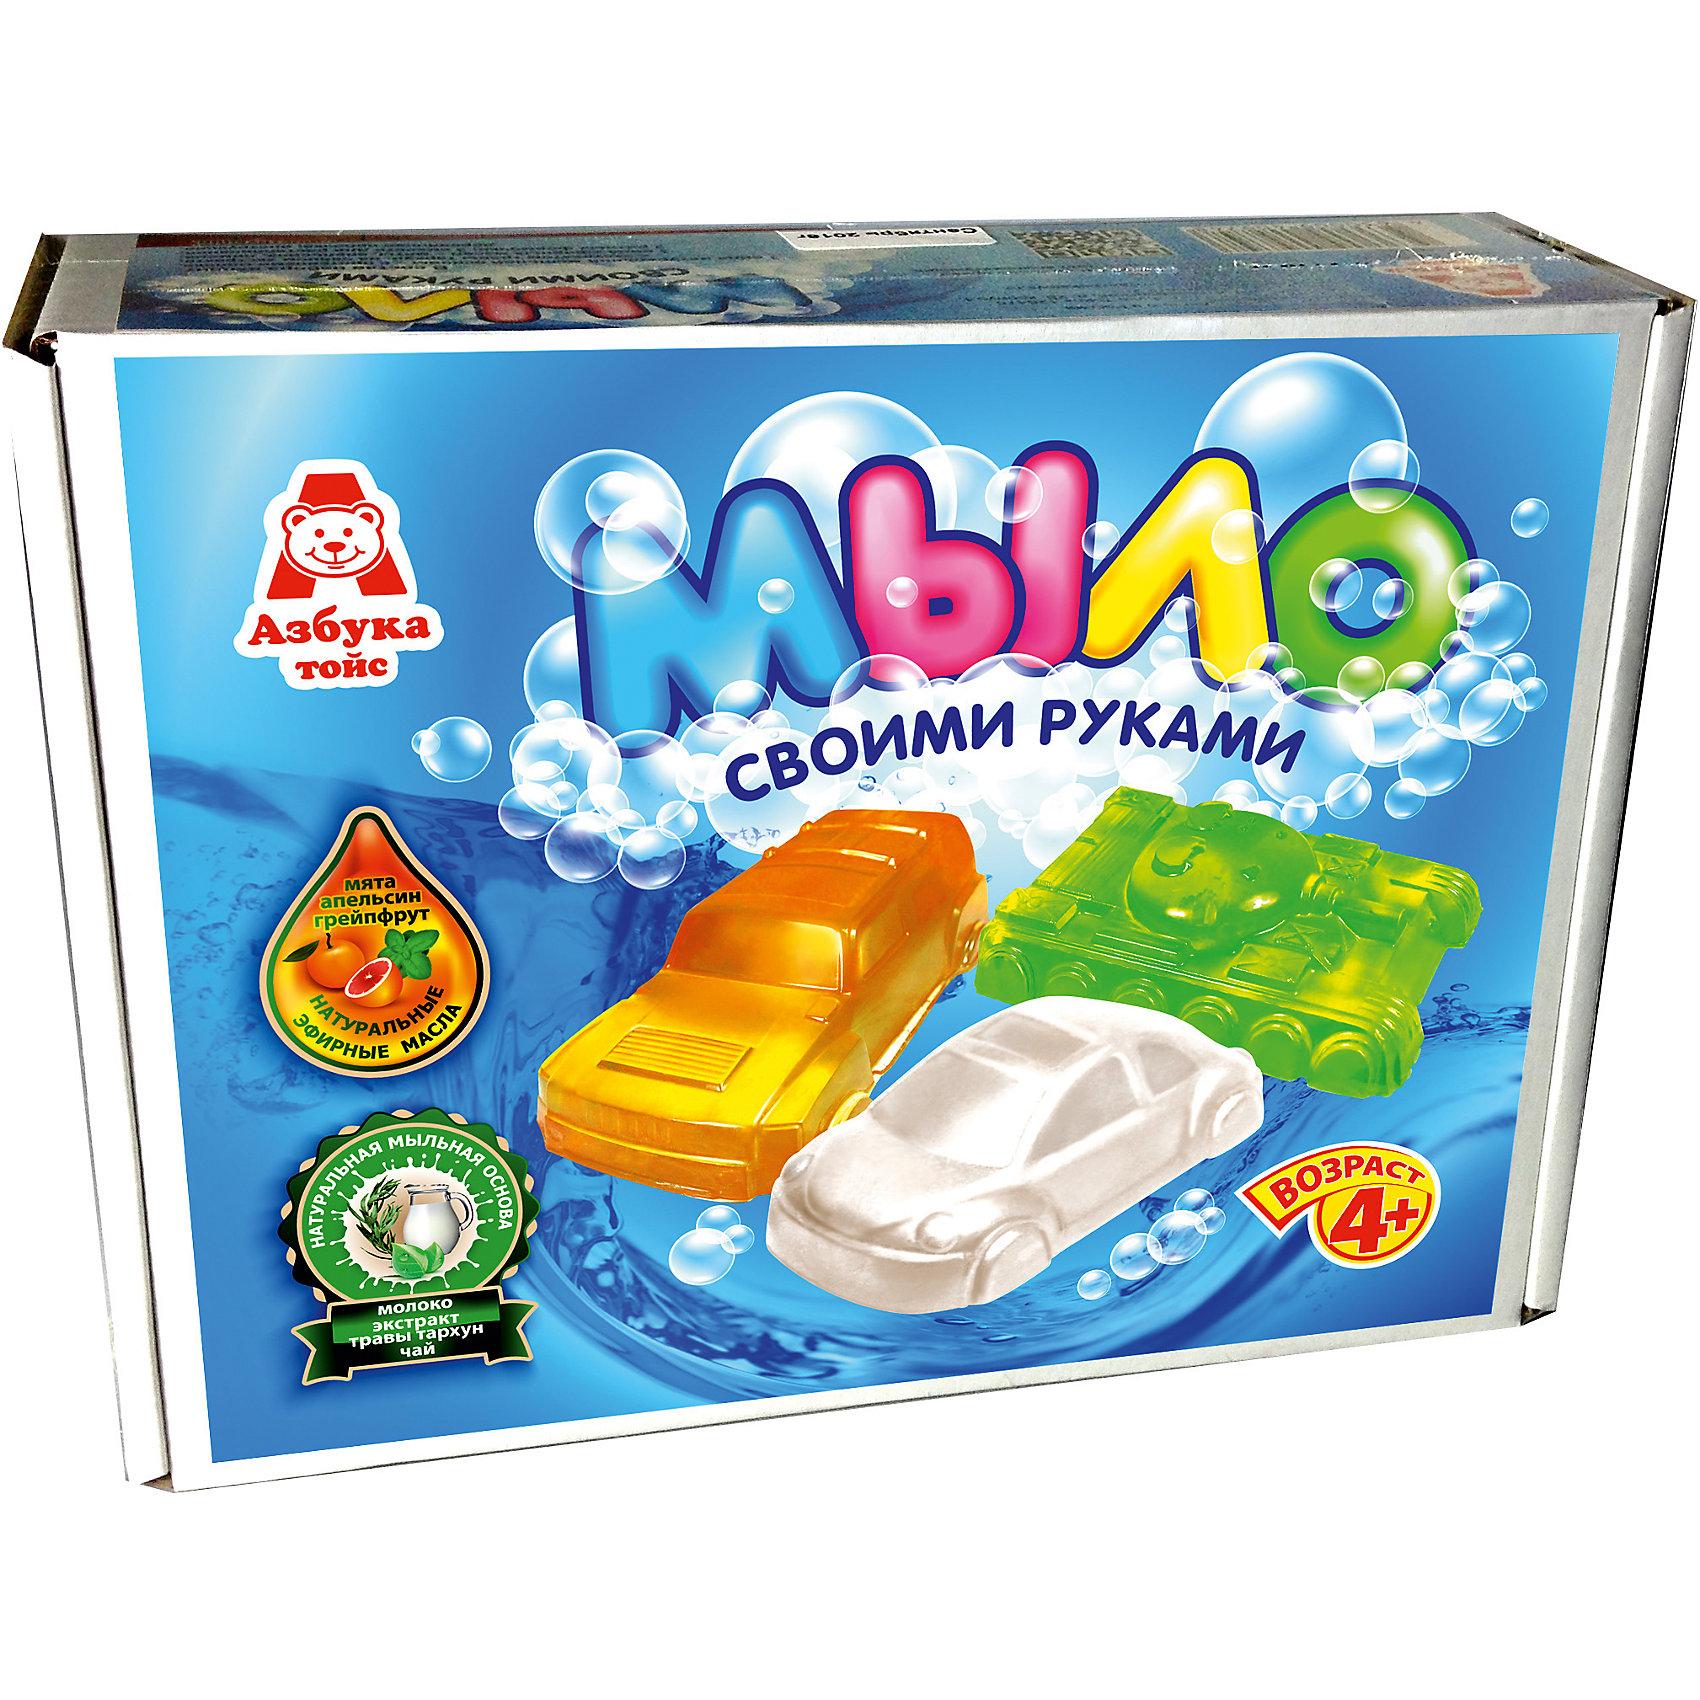 Мыло МашинкиСоздание мыла<br>Характеристики товара:<br><br>• упаковка: коробка<br>• количество цветов: 5<br>• возраст: 4+<br>• масса: 400 г<br>• габариты: 70х220х170 мм<br>• комплектация: натуральная мыльная основа (5 видов), эфирное масло (5 видов), деревянная палочка, емкость для растапливания, формочки - 5 шт., инструкция<br>• страна бренда: РФ<br>• страна изготовитель: РФ<br><br>Мыловарение – интересный и необычный способ занять малыша. Ошибочно полагать, что создавать мыло – творчество только для девочек. В новом наборе формочки позволяют варить мыло в форме различных предметов. На выходе у ребенка получится настоящее мыло, готовое к использованию. Благодаря эфирным маслам оно будет приятно пахнуть. В наборе есть все необходимое для создания продукта.<br>Набор станет отличным подарком ребенку, так как он сможет сам сделать полезную вещь для себя или в качестве подарка близким! Материалы, использованные при изготовлении товара, сертифицированы и отвечают всем международным требованиям по качеству. <br><br>Набор Мыло Машинки от бренда Азбука Тойс можно приобрести в нашем интернет-магазине.<br><br>Ширина мм: 220<br>Глубина мм: 70<br>Высота мм: 170<br>Вес г: 400<br>Возраст от месяцев: 48<br>Возраст до месяцев: 96<br>Пол: Мужской<br>Возраст: Детский<br>SKU: 5062860